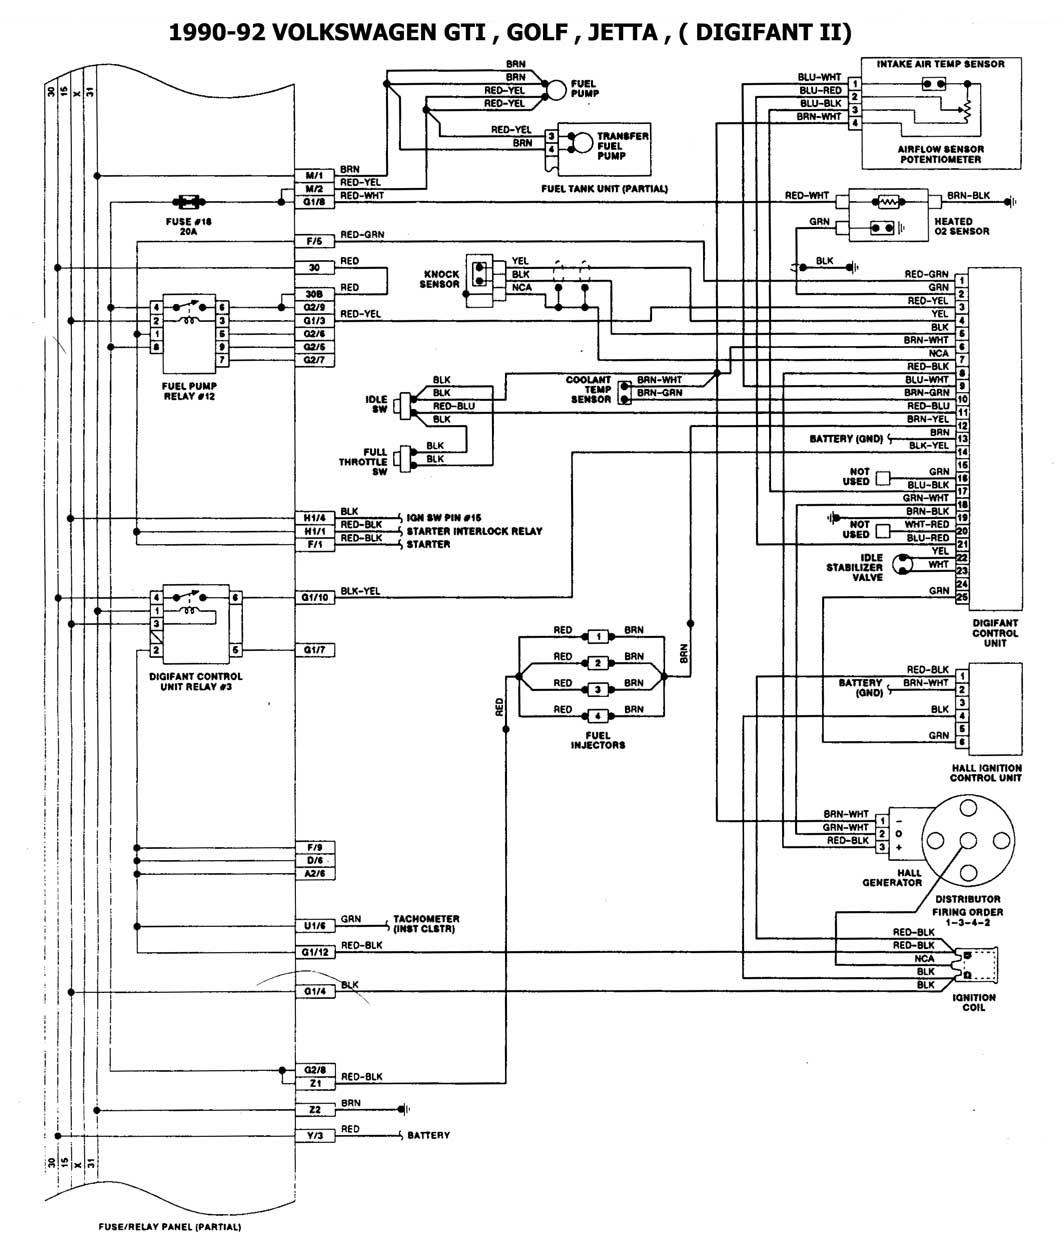 2003 volkswagen jetta diagrama de cableado